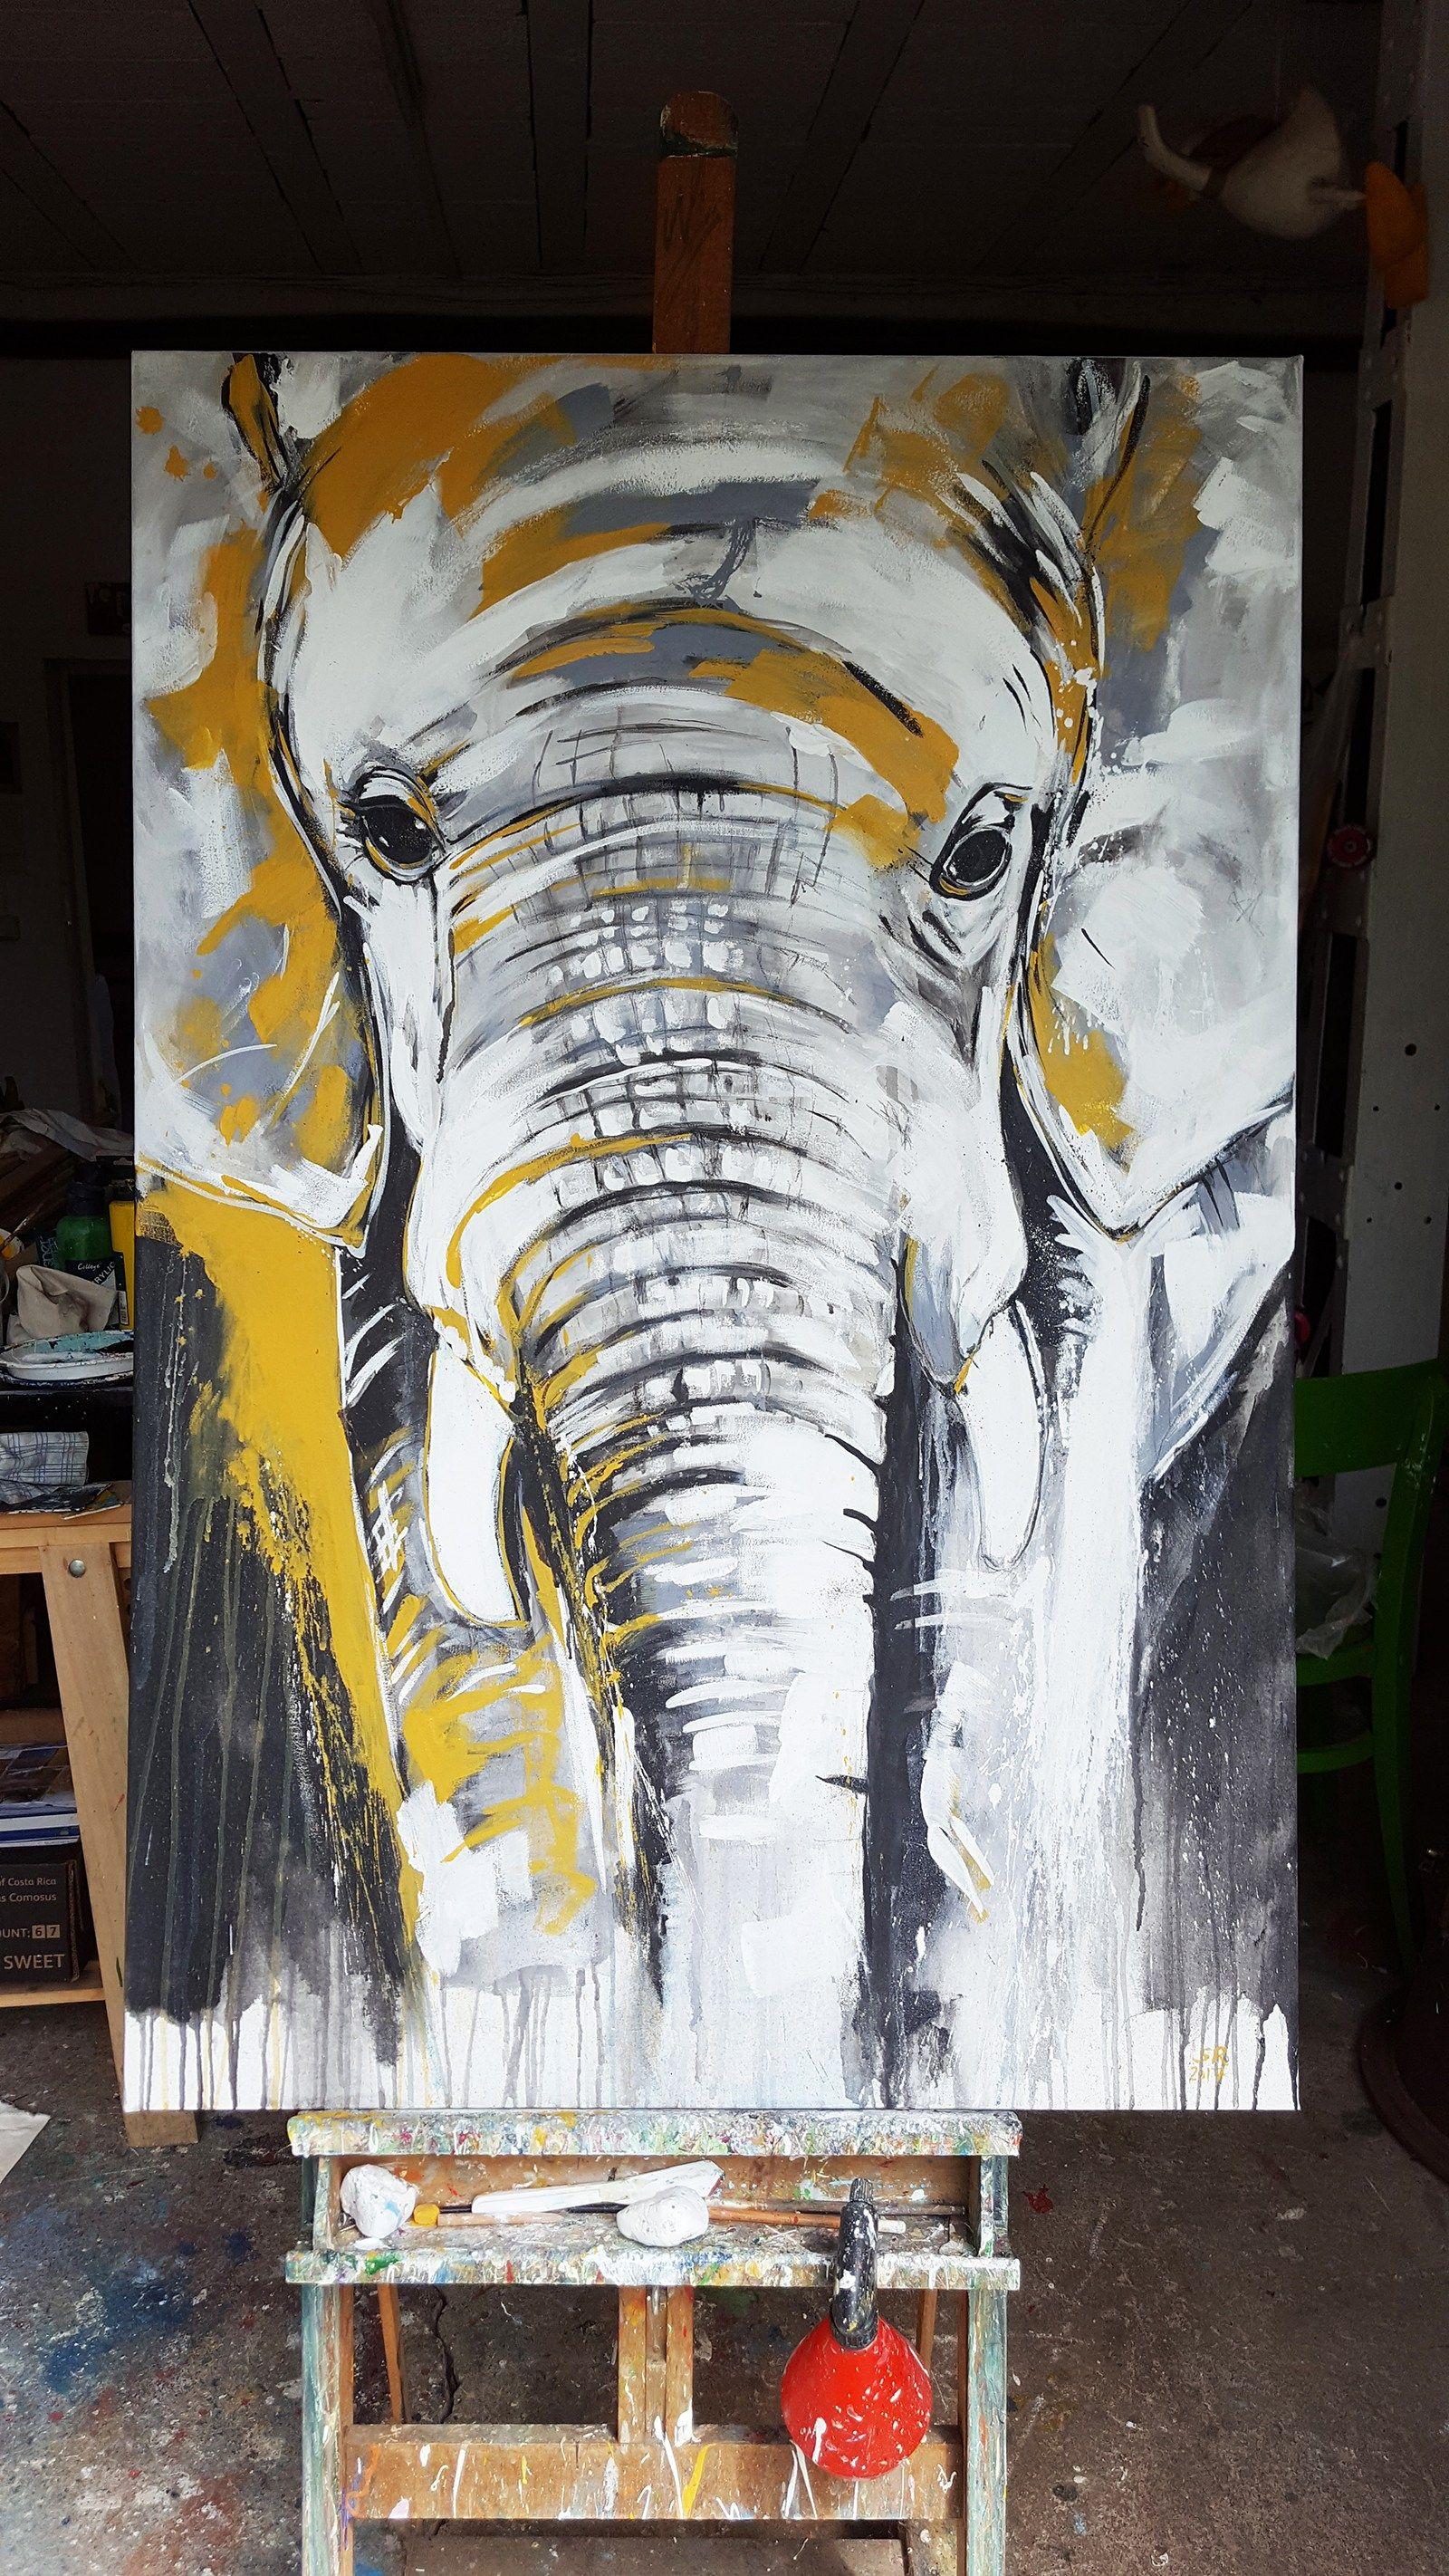 Elefant #2 expressive Malerei auf großformatiger Leinwand | Atelier Stefanie Rogge